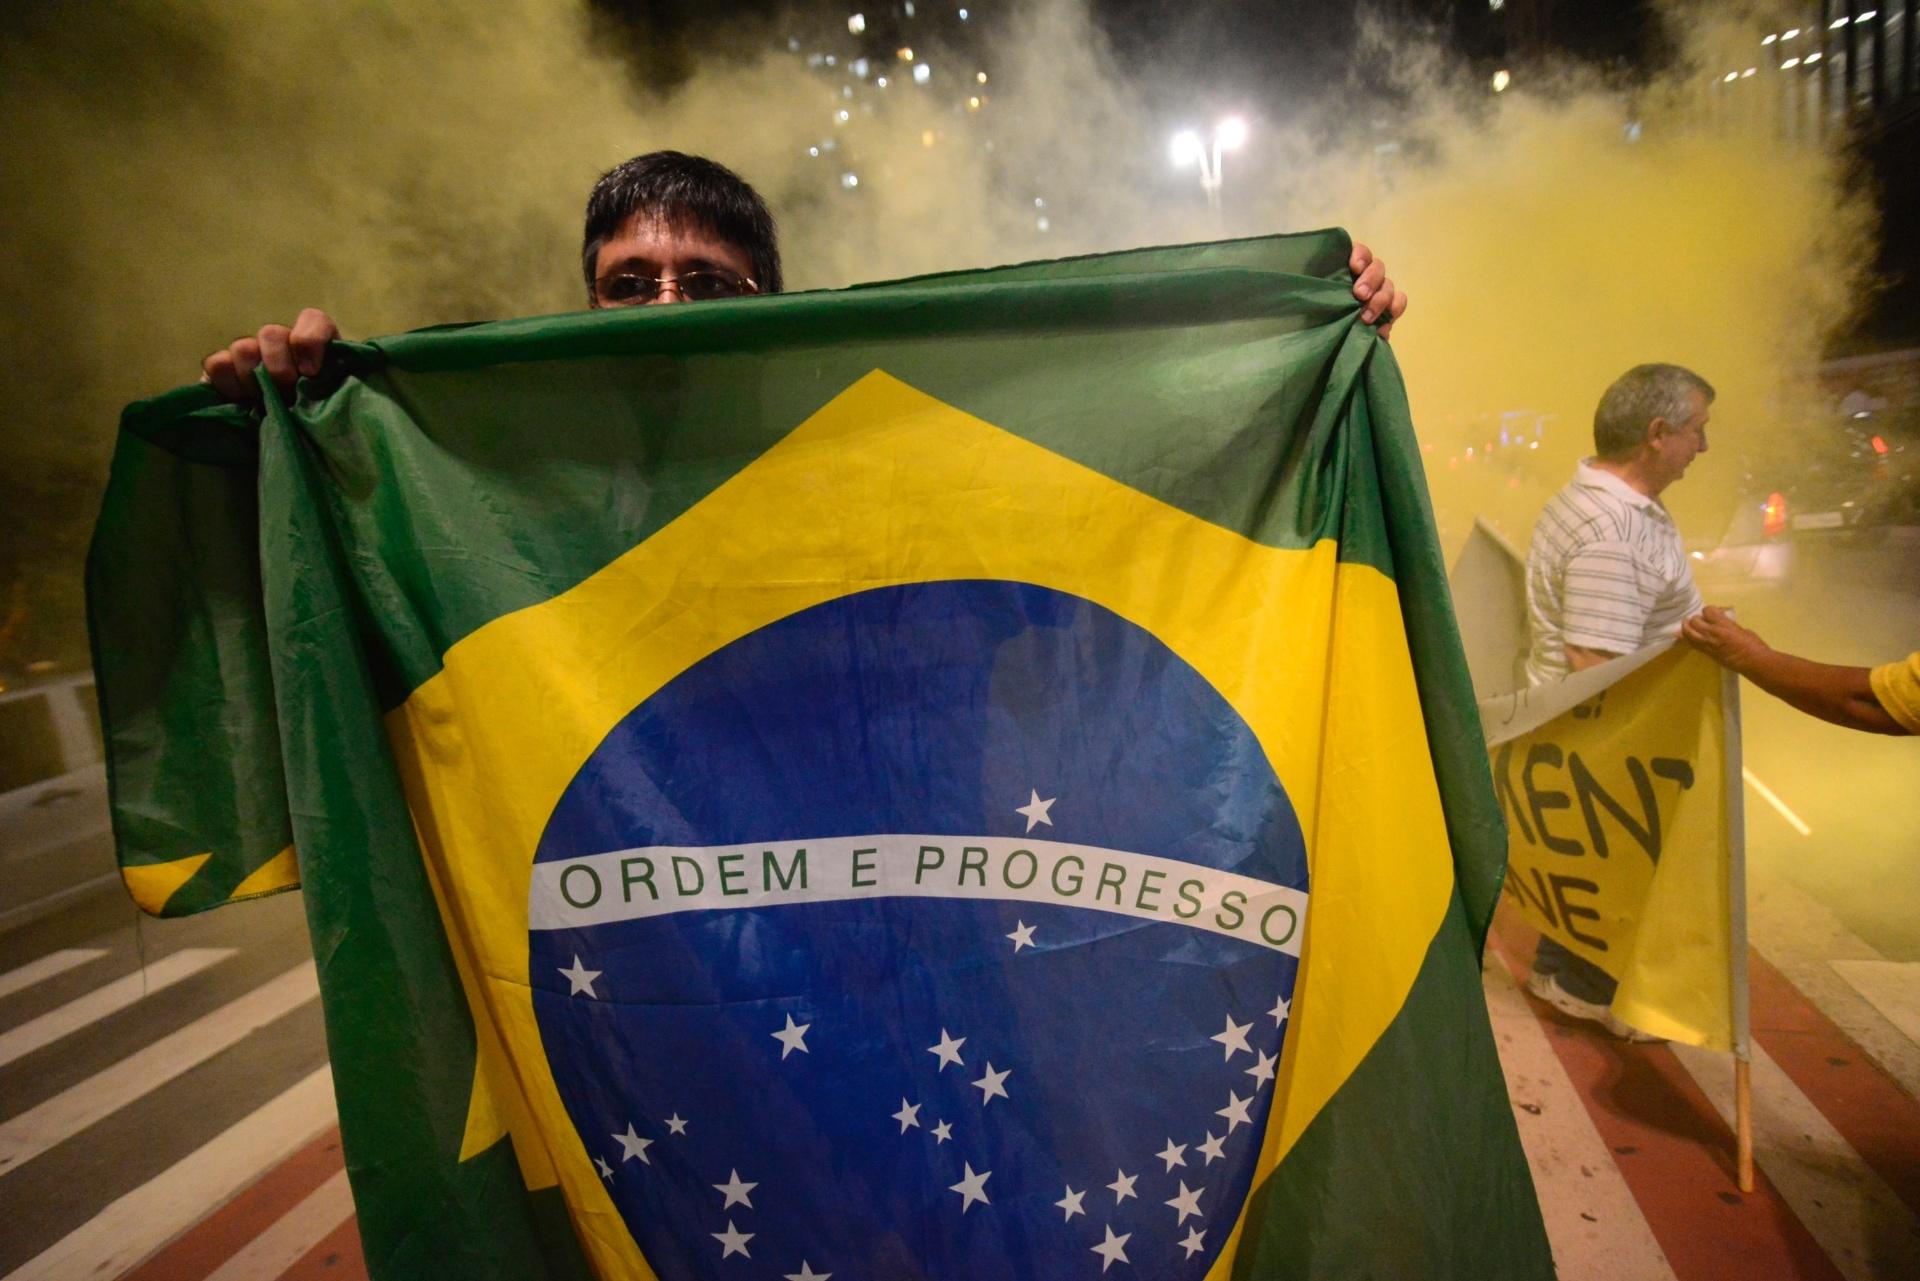 11.abr.2016 - Manifestantes protestam a favor do impeachment da presidente Dilma Rousseff na avenida Paulista, em São Paulo. Antes do protesto, foi divulgado que a maioria dos deputados membros da comissão especial do impeachment na Câmara votou a favor do parecer do relator Jovair Arantes (PTB-GO), que defende a abertura do processo de afastamento da presidente